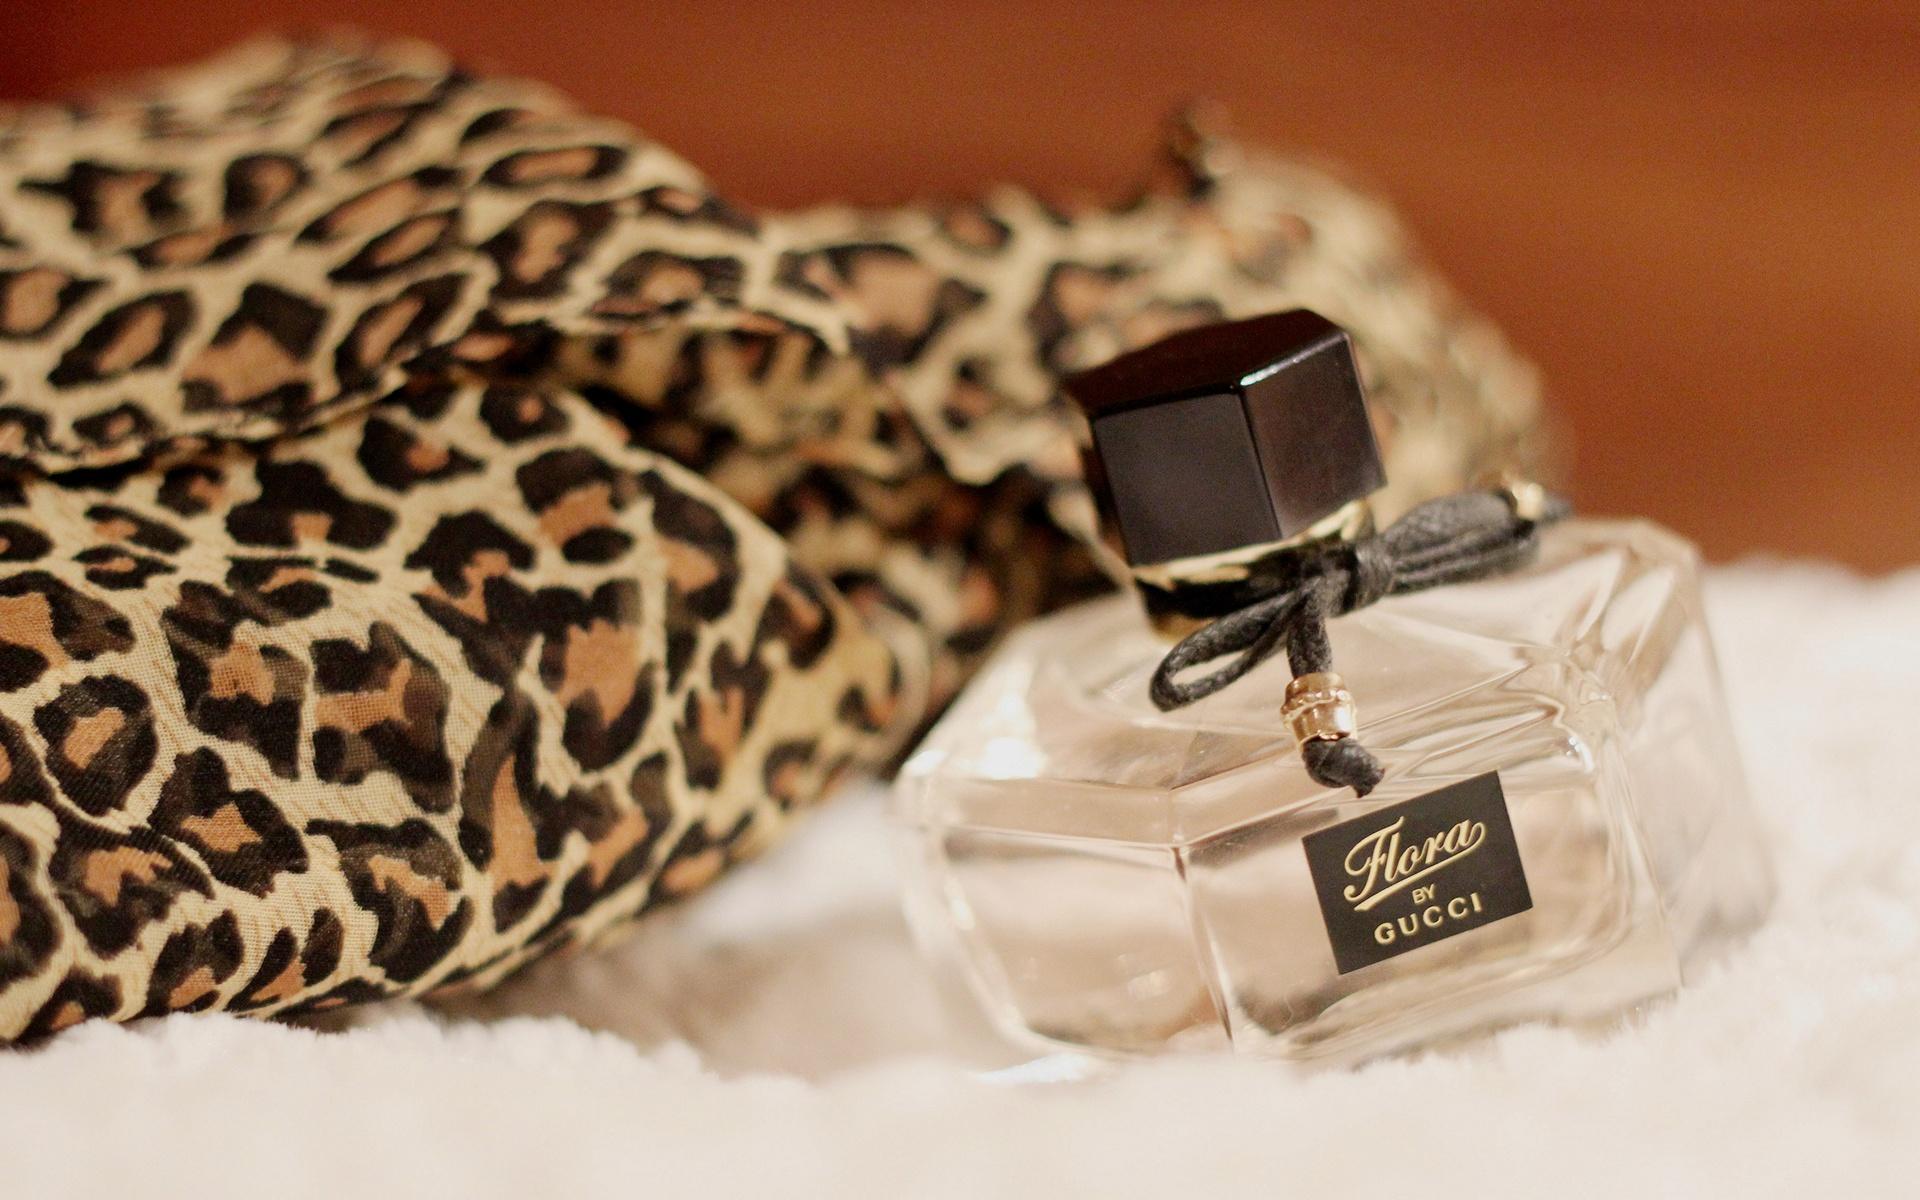 обои GUCCI, perfumes, флакон, духи картинки фото